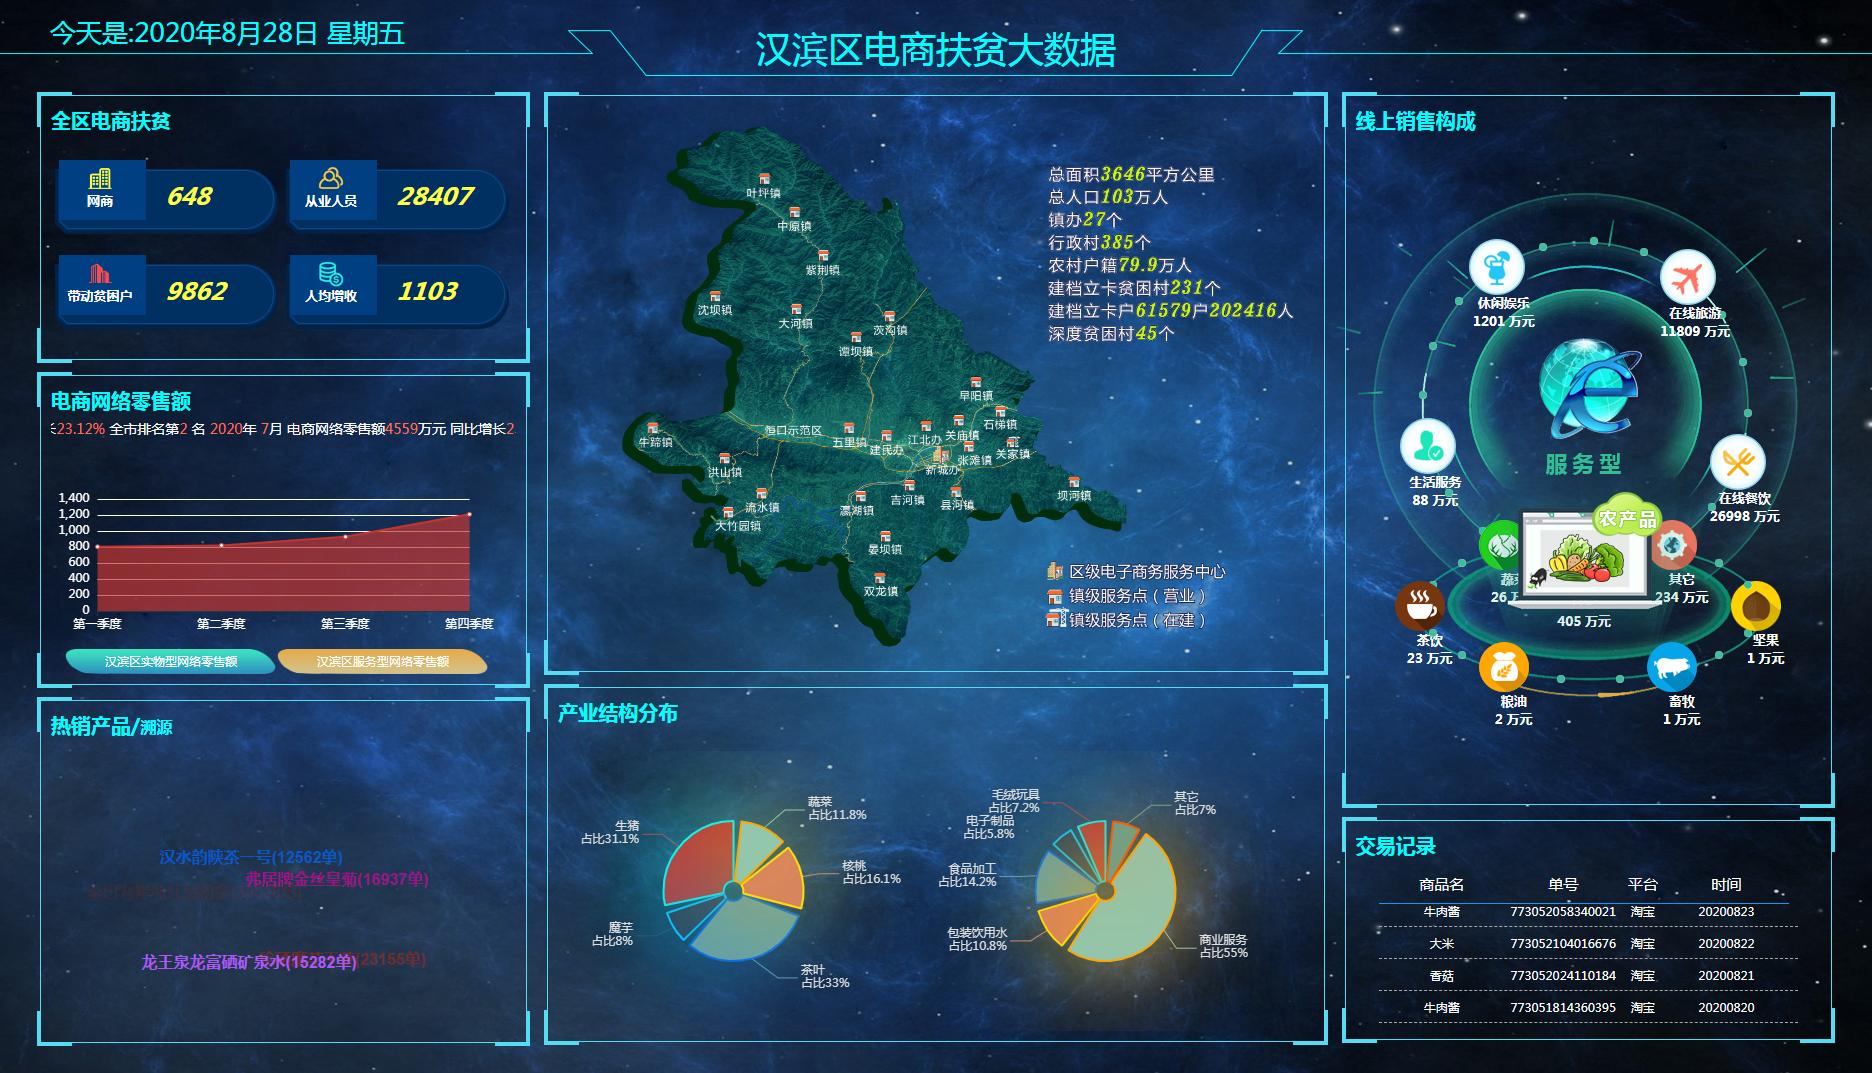 汉滨区电商扶贫大数据平台